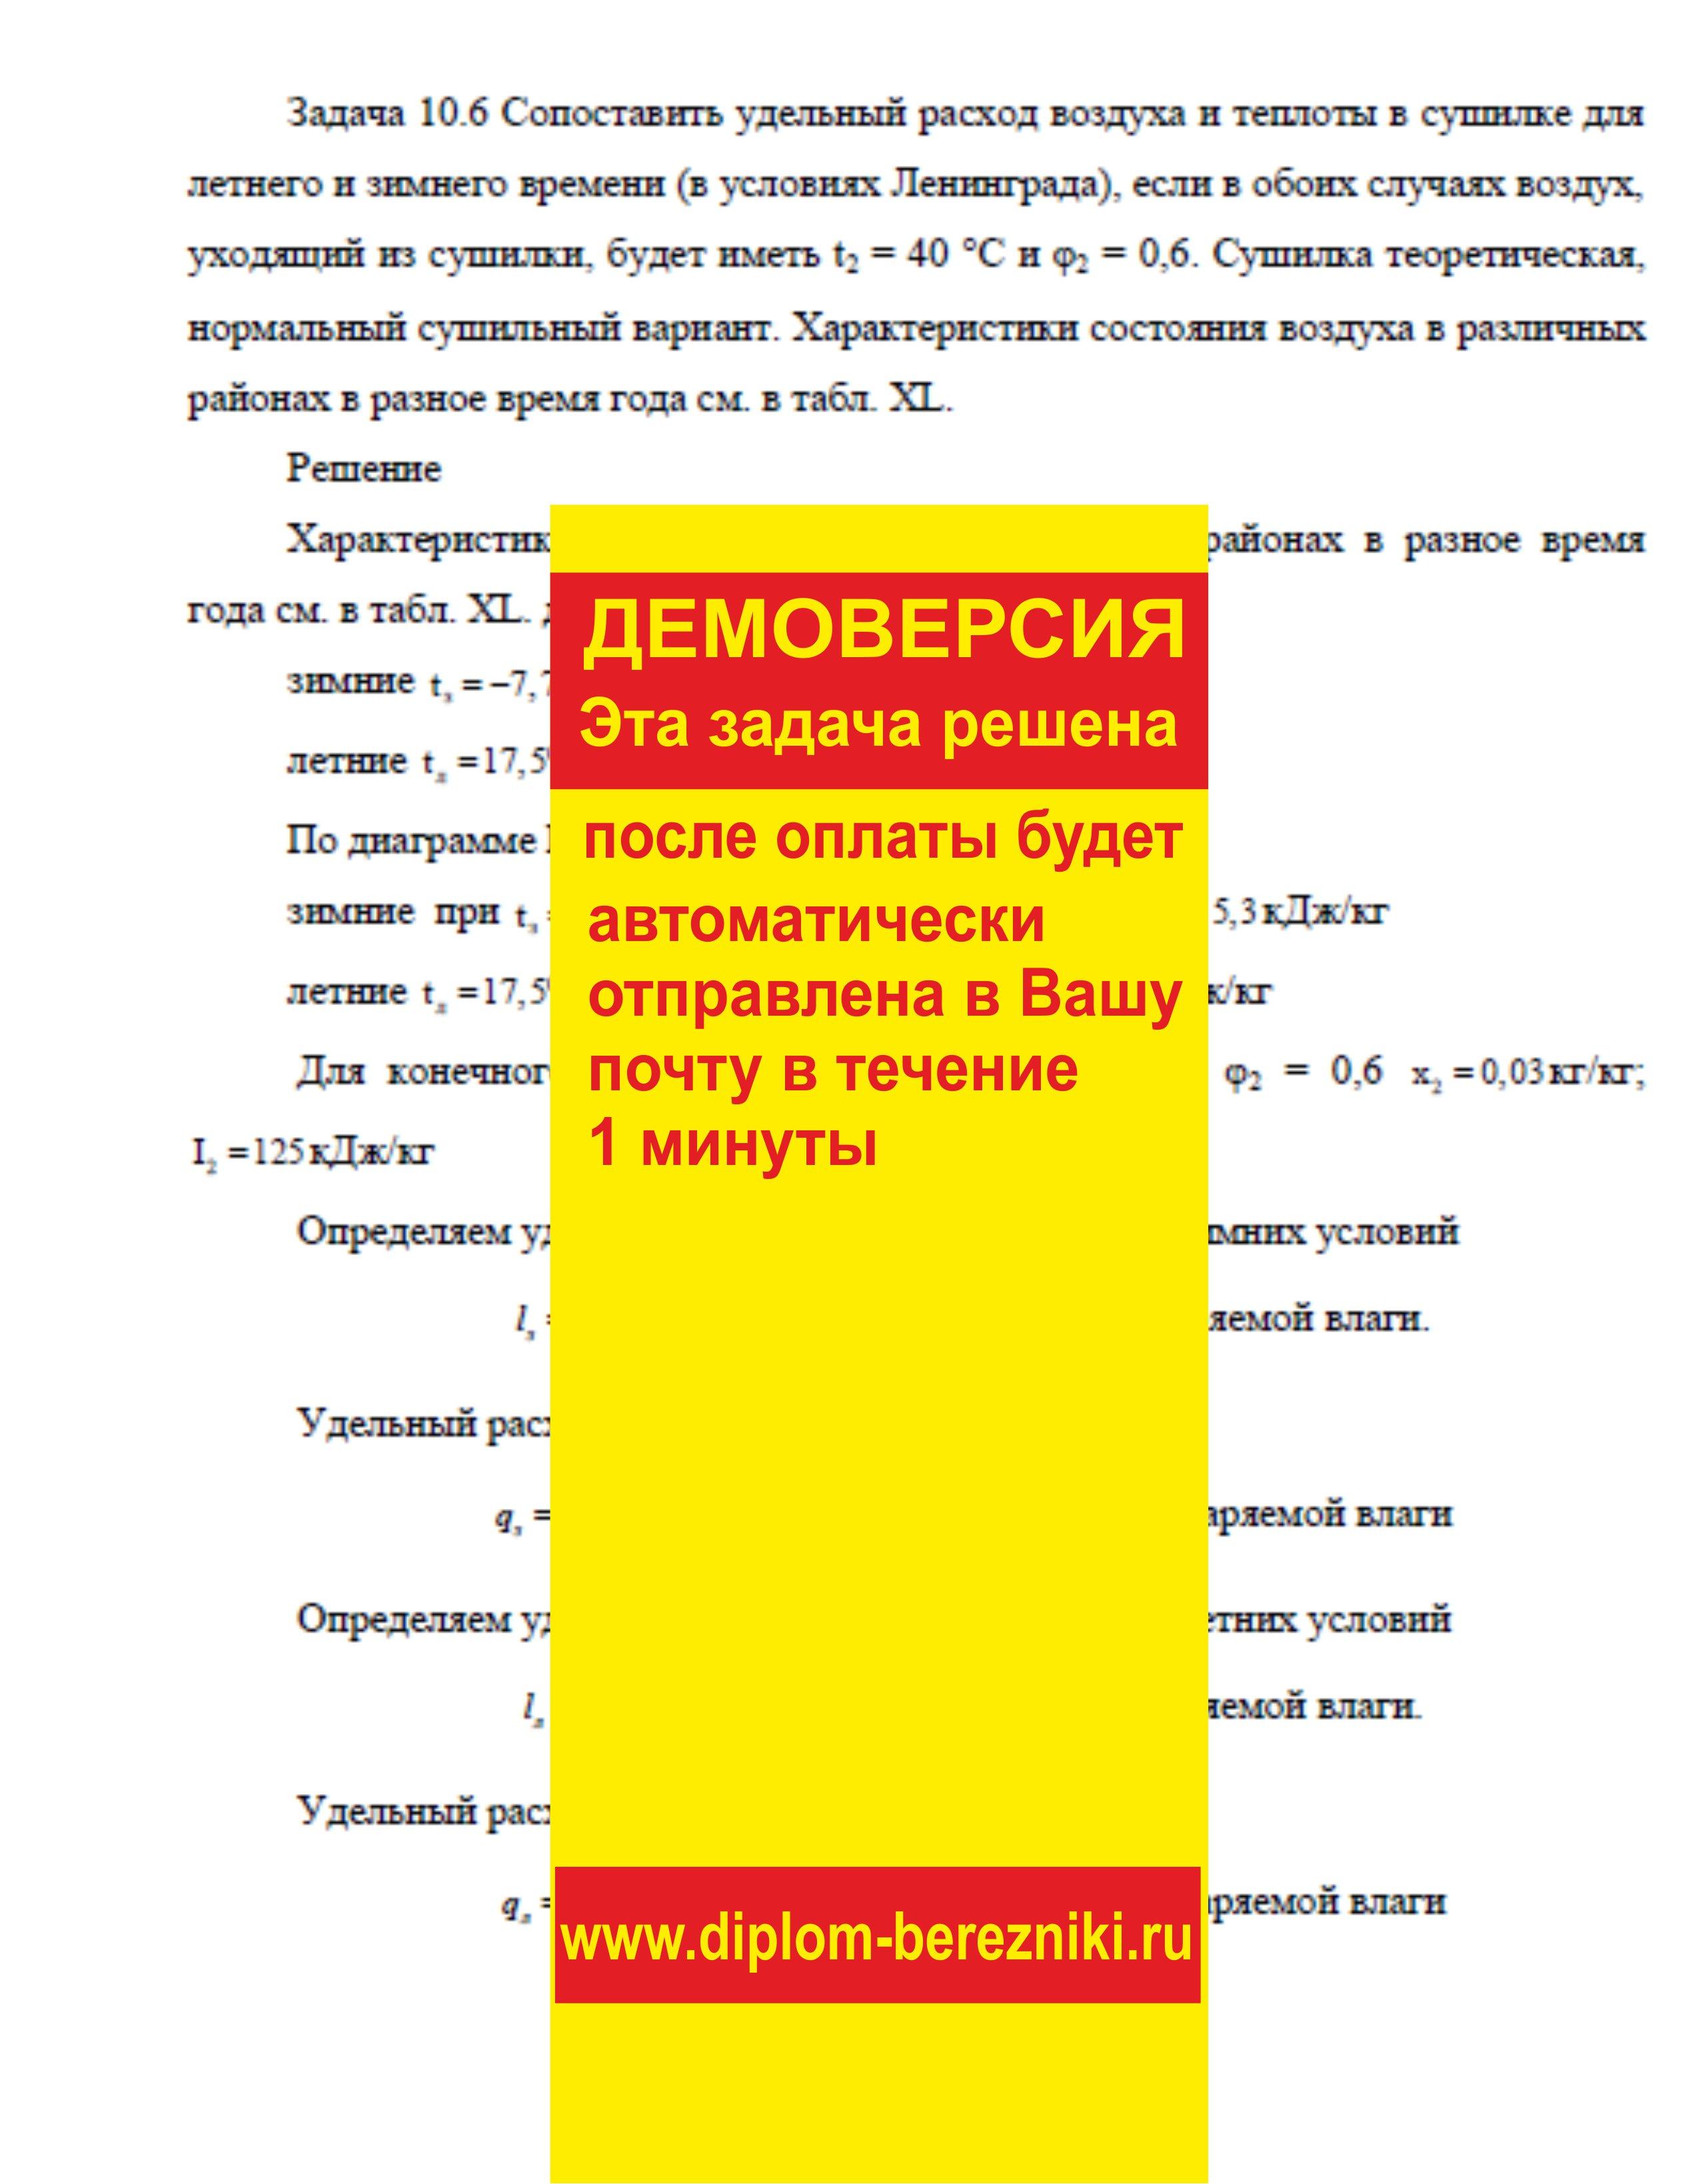 Решение задачи 10.6 по ПАХТ из задачника Павлова Романкова Носкова